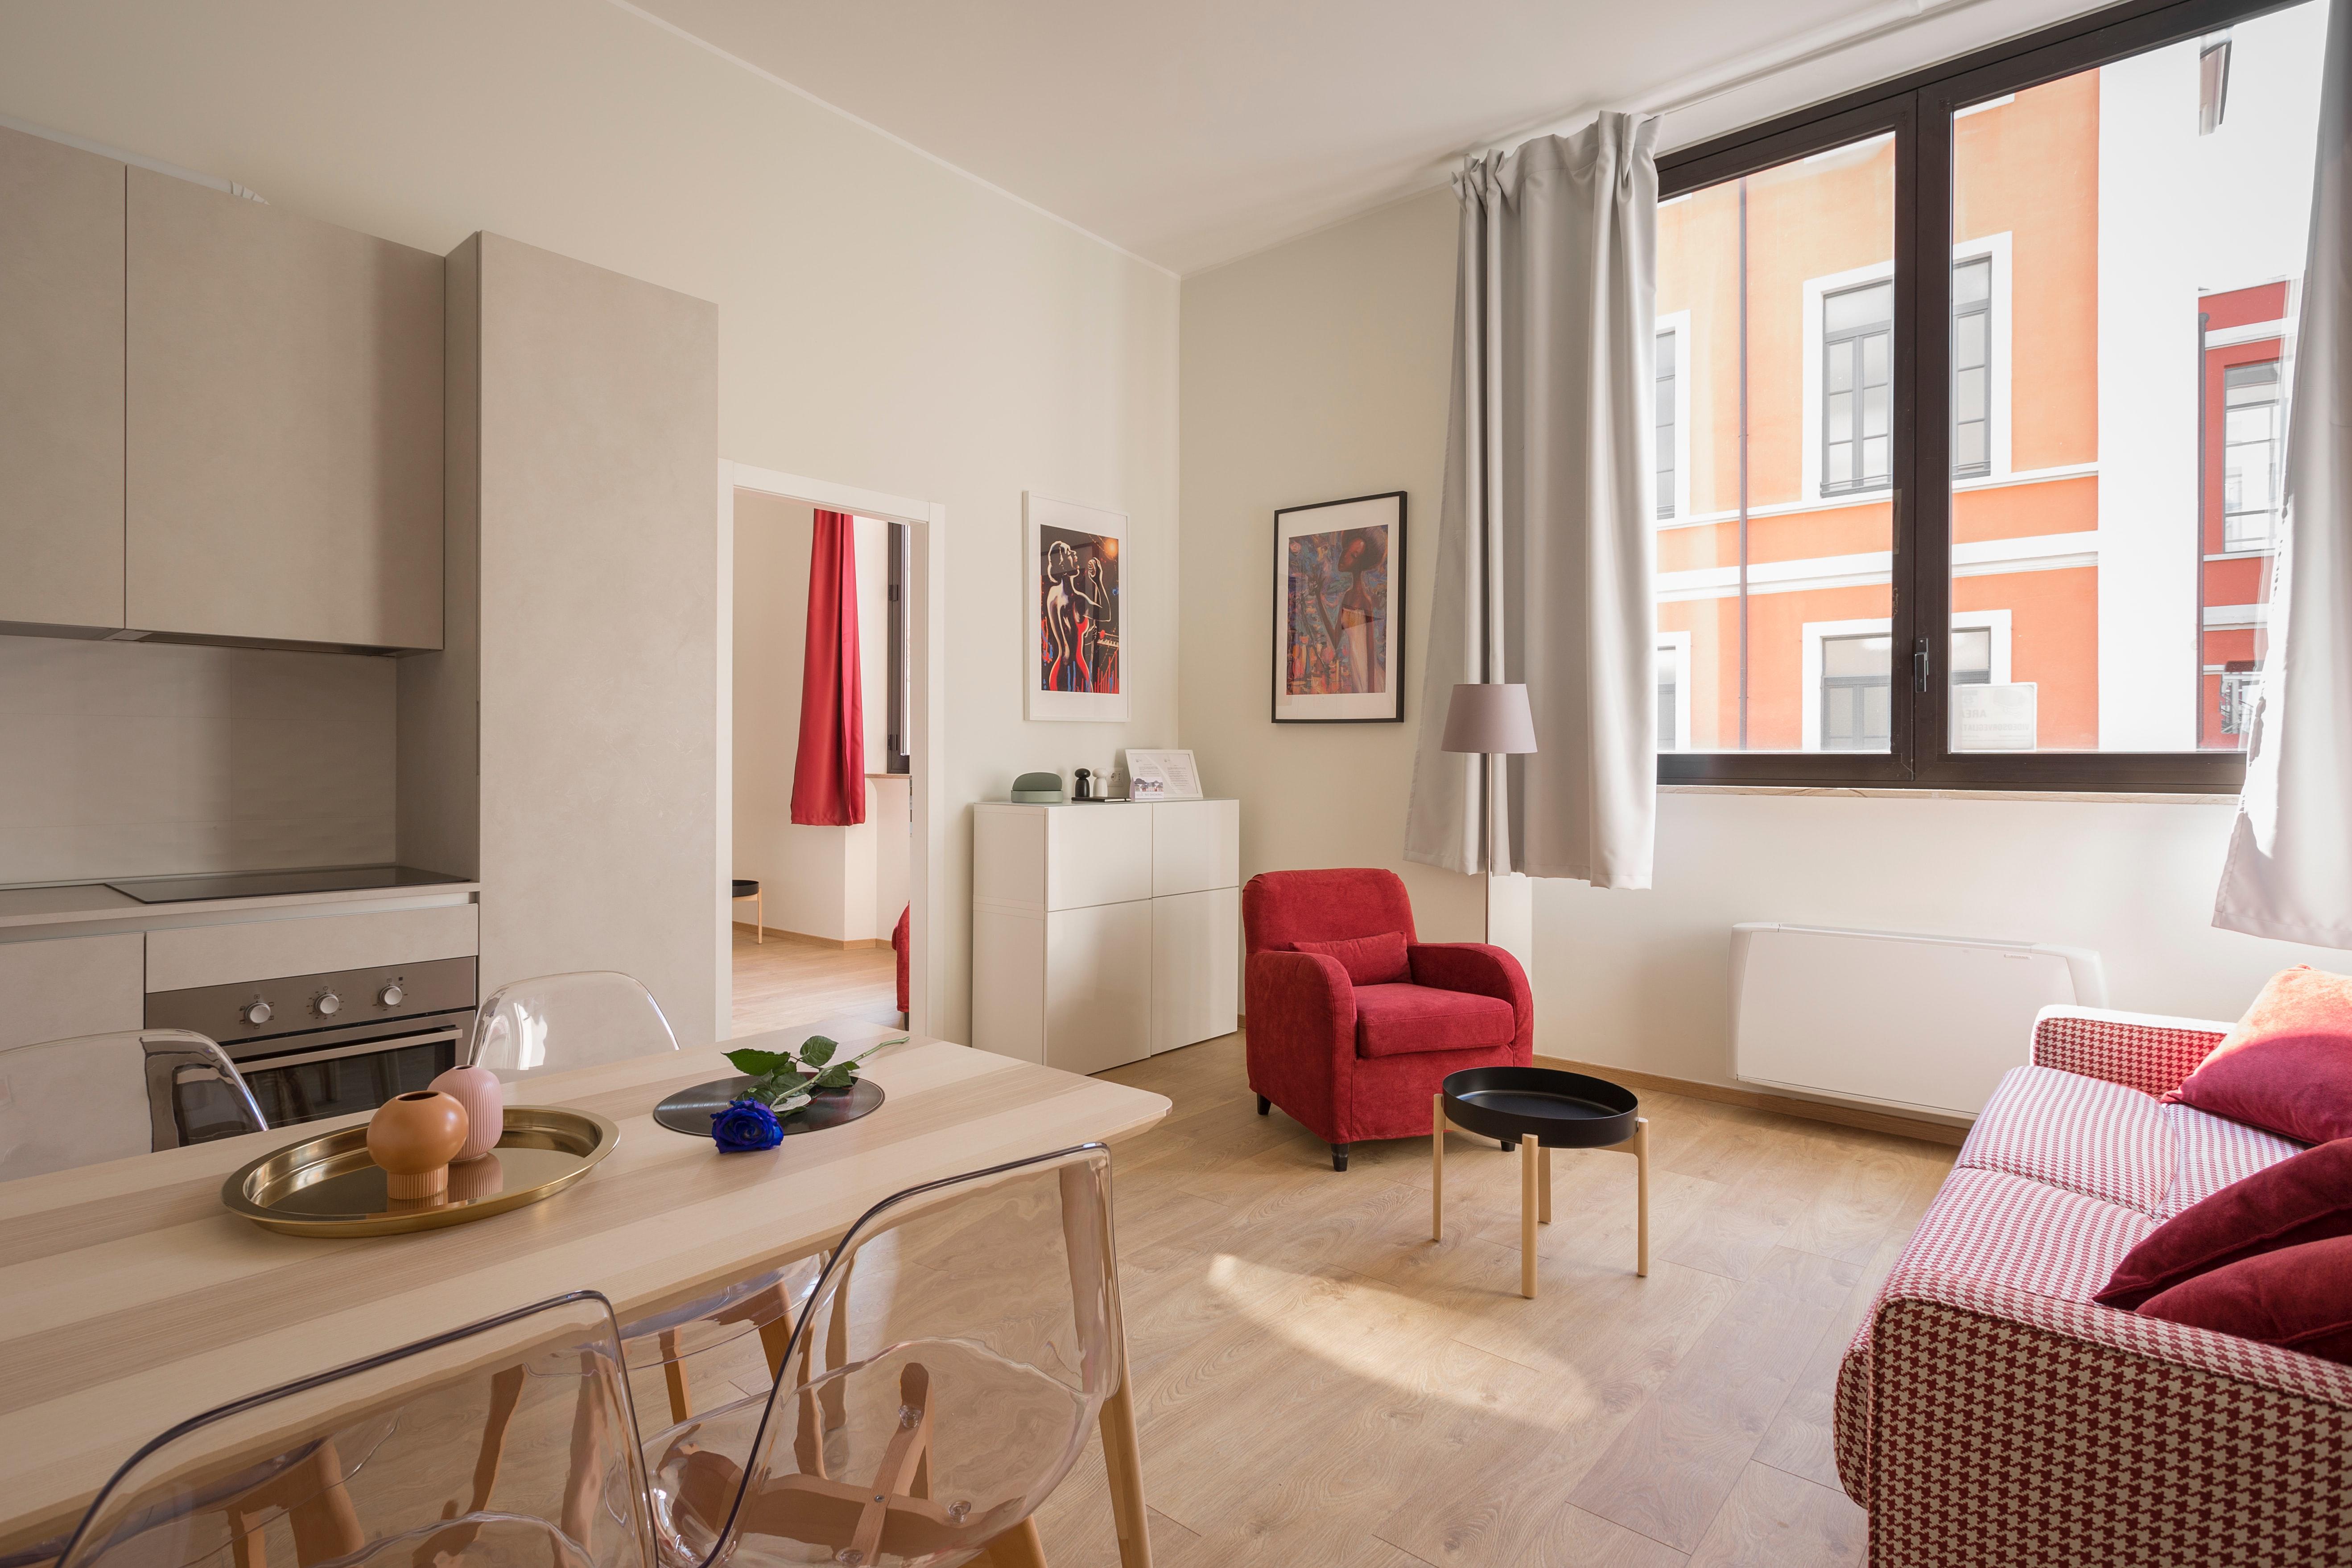 Преимущества использования ипотеки для покупки жилья в Москве